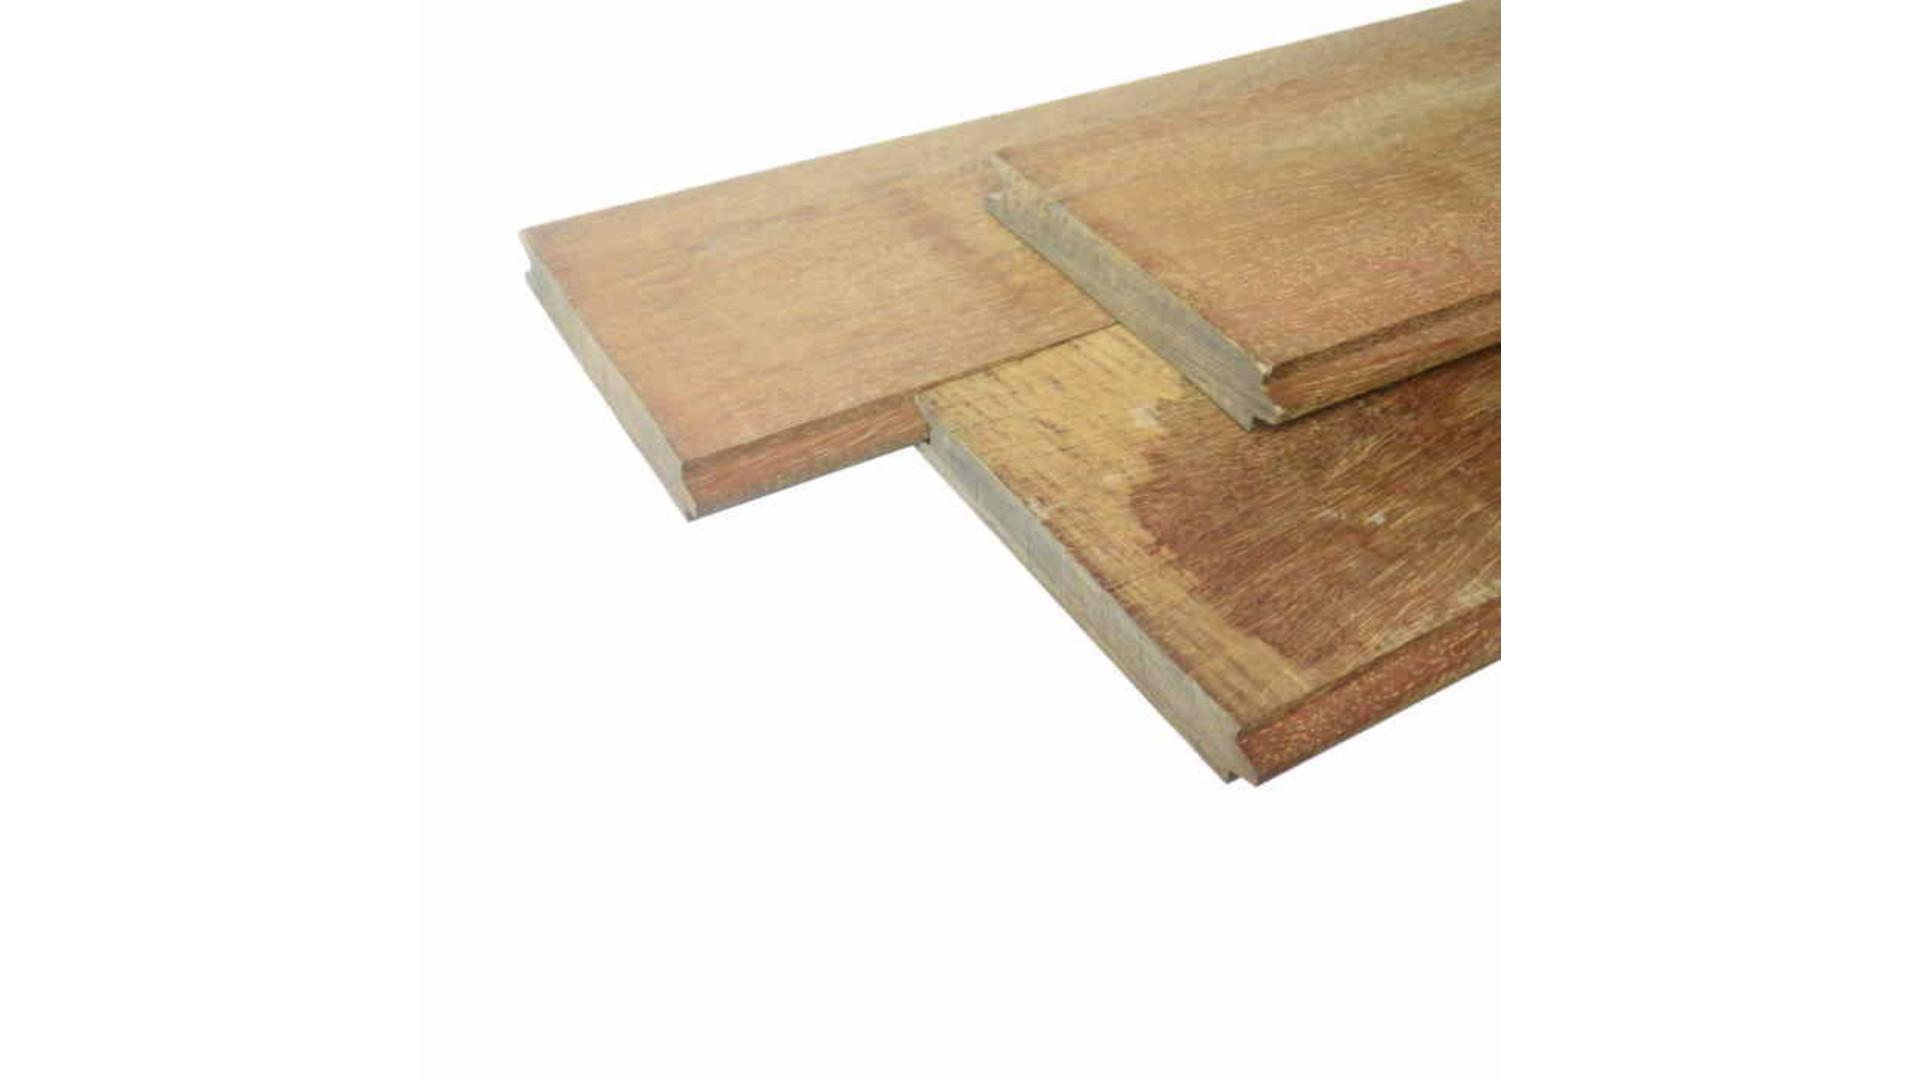 Hardhout Damwandplank 3x20x250 cm